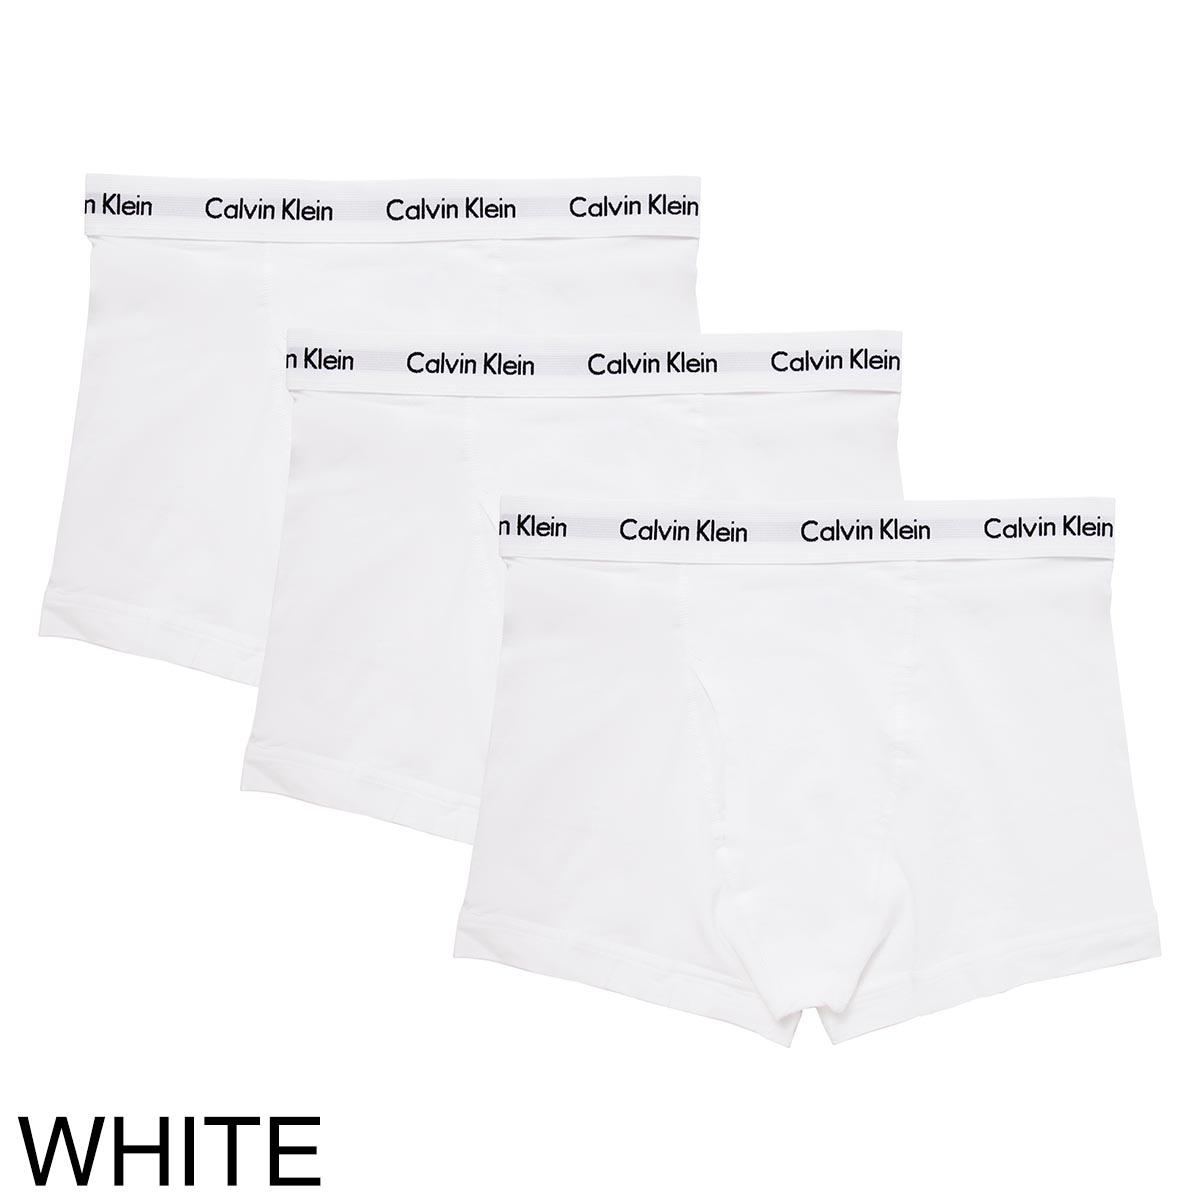 Calvin Klein カルバンクライン ボクサーパンツ 3枚セット/CLASSIC FIT 3 TRUNK【返品交換不可】 メンズ